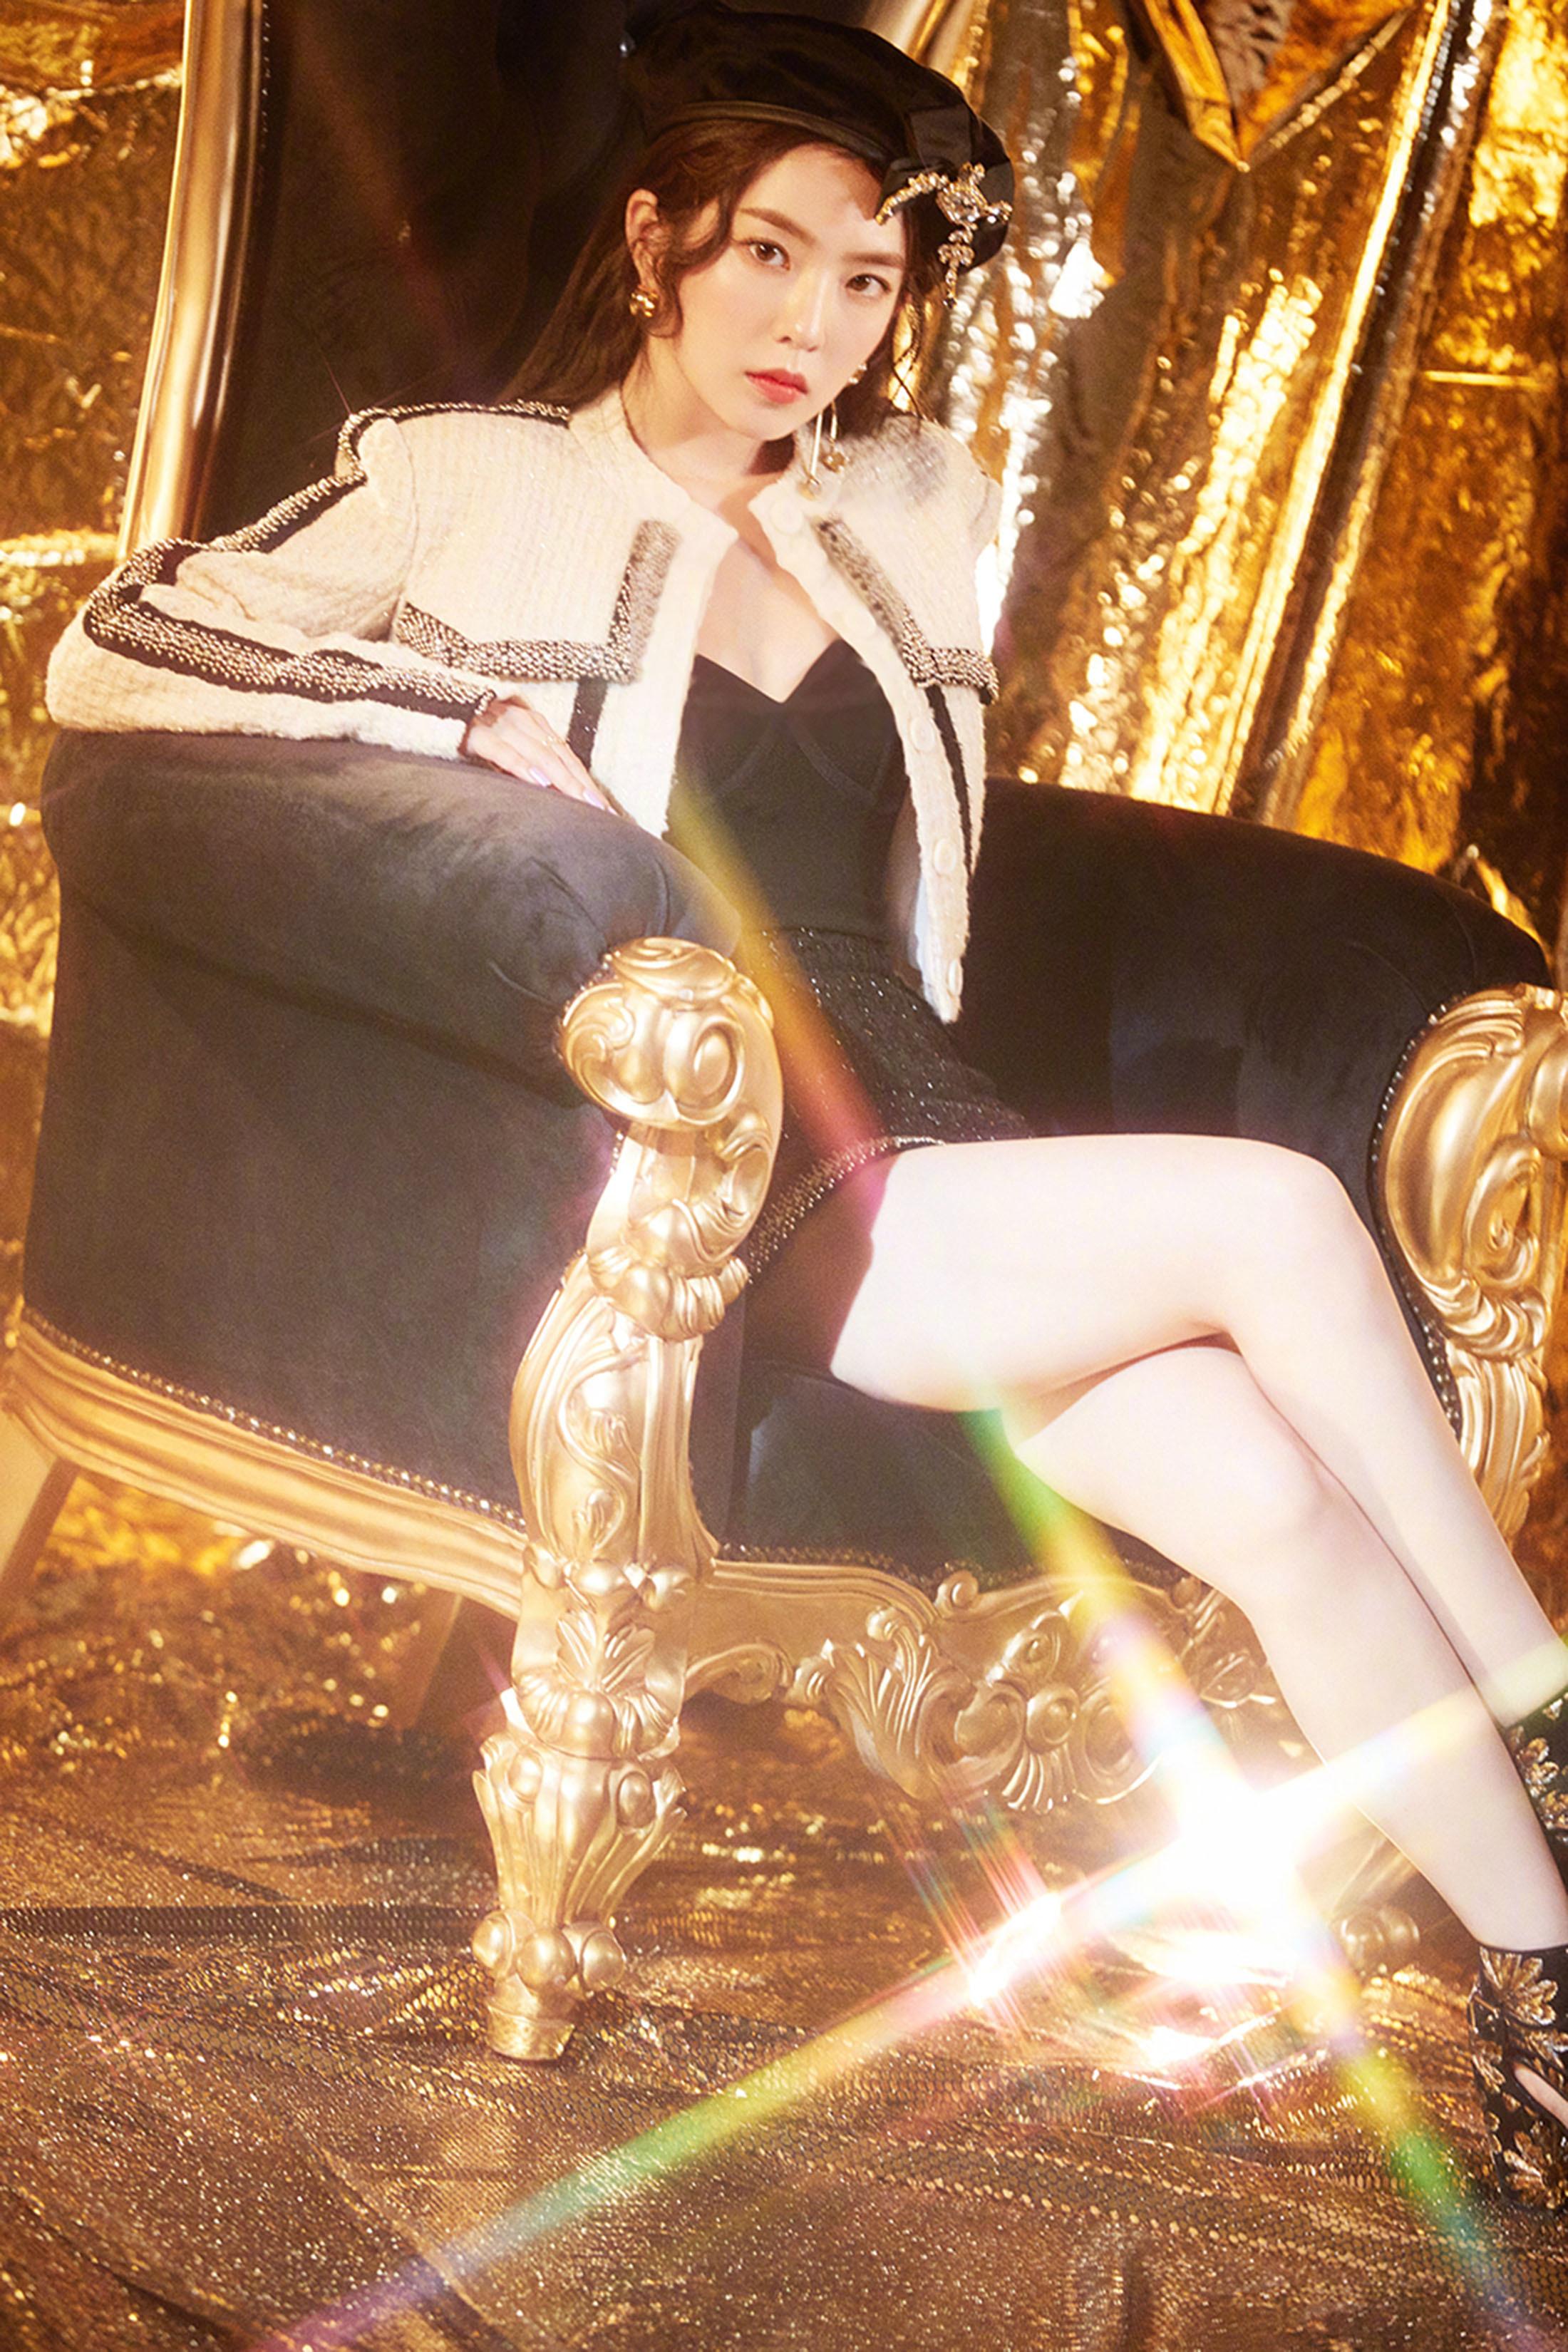 29일(금), 💗레드벨벳 아이린 생일💗 | 인스티즈